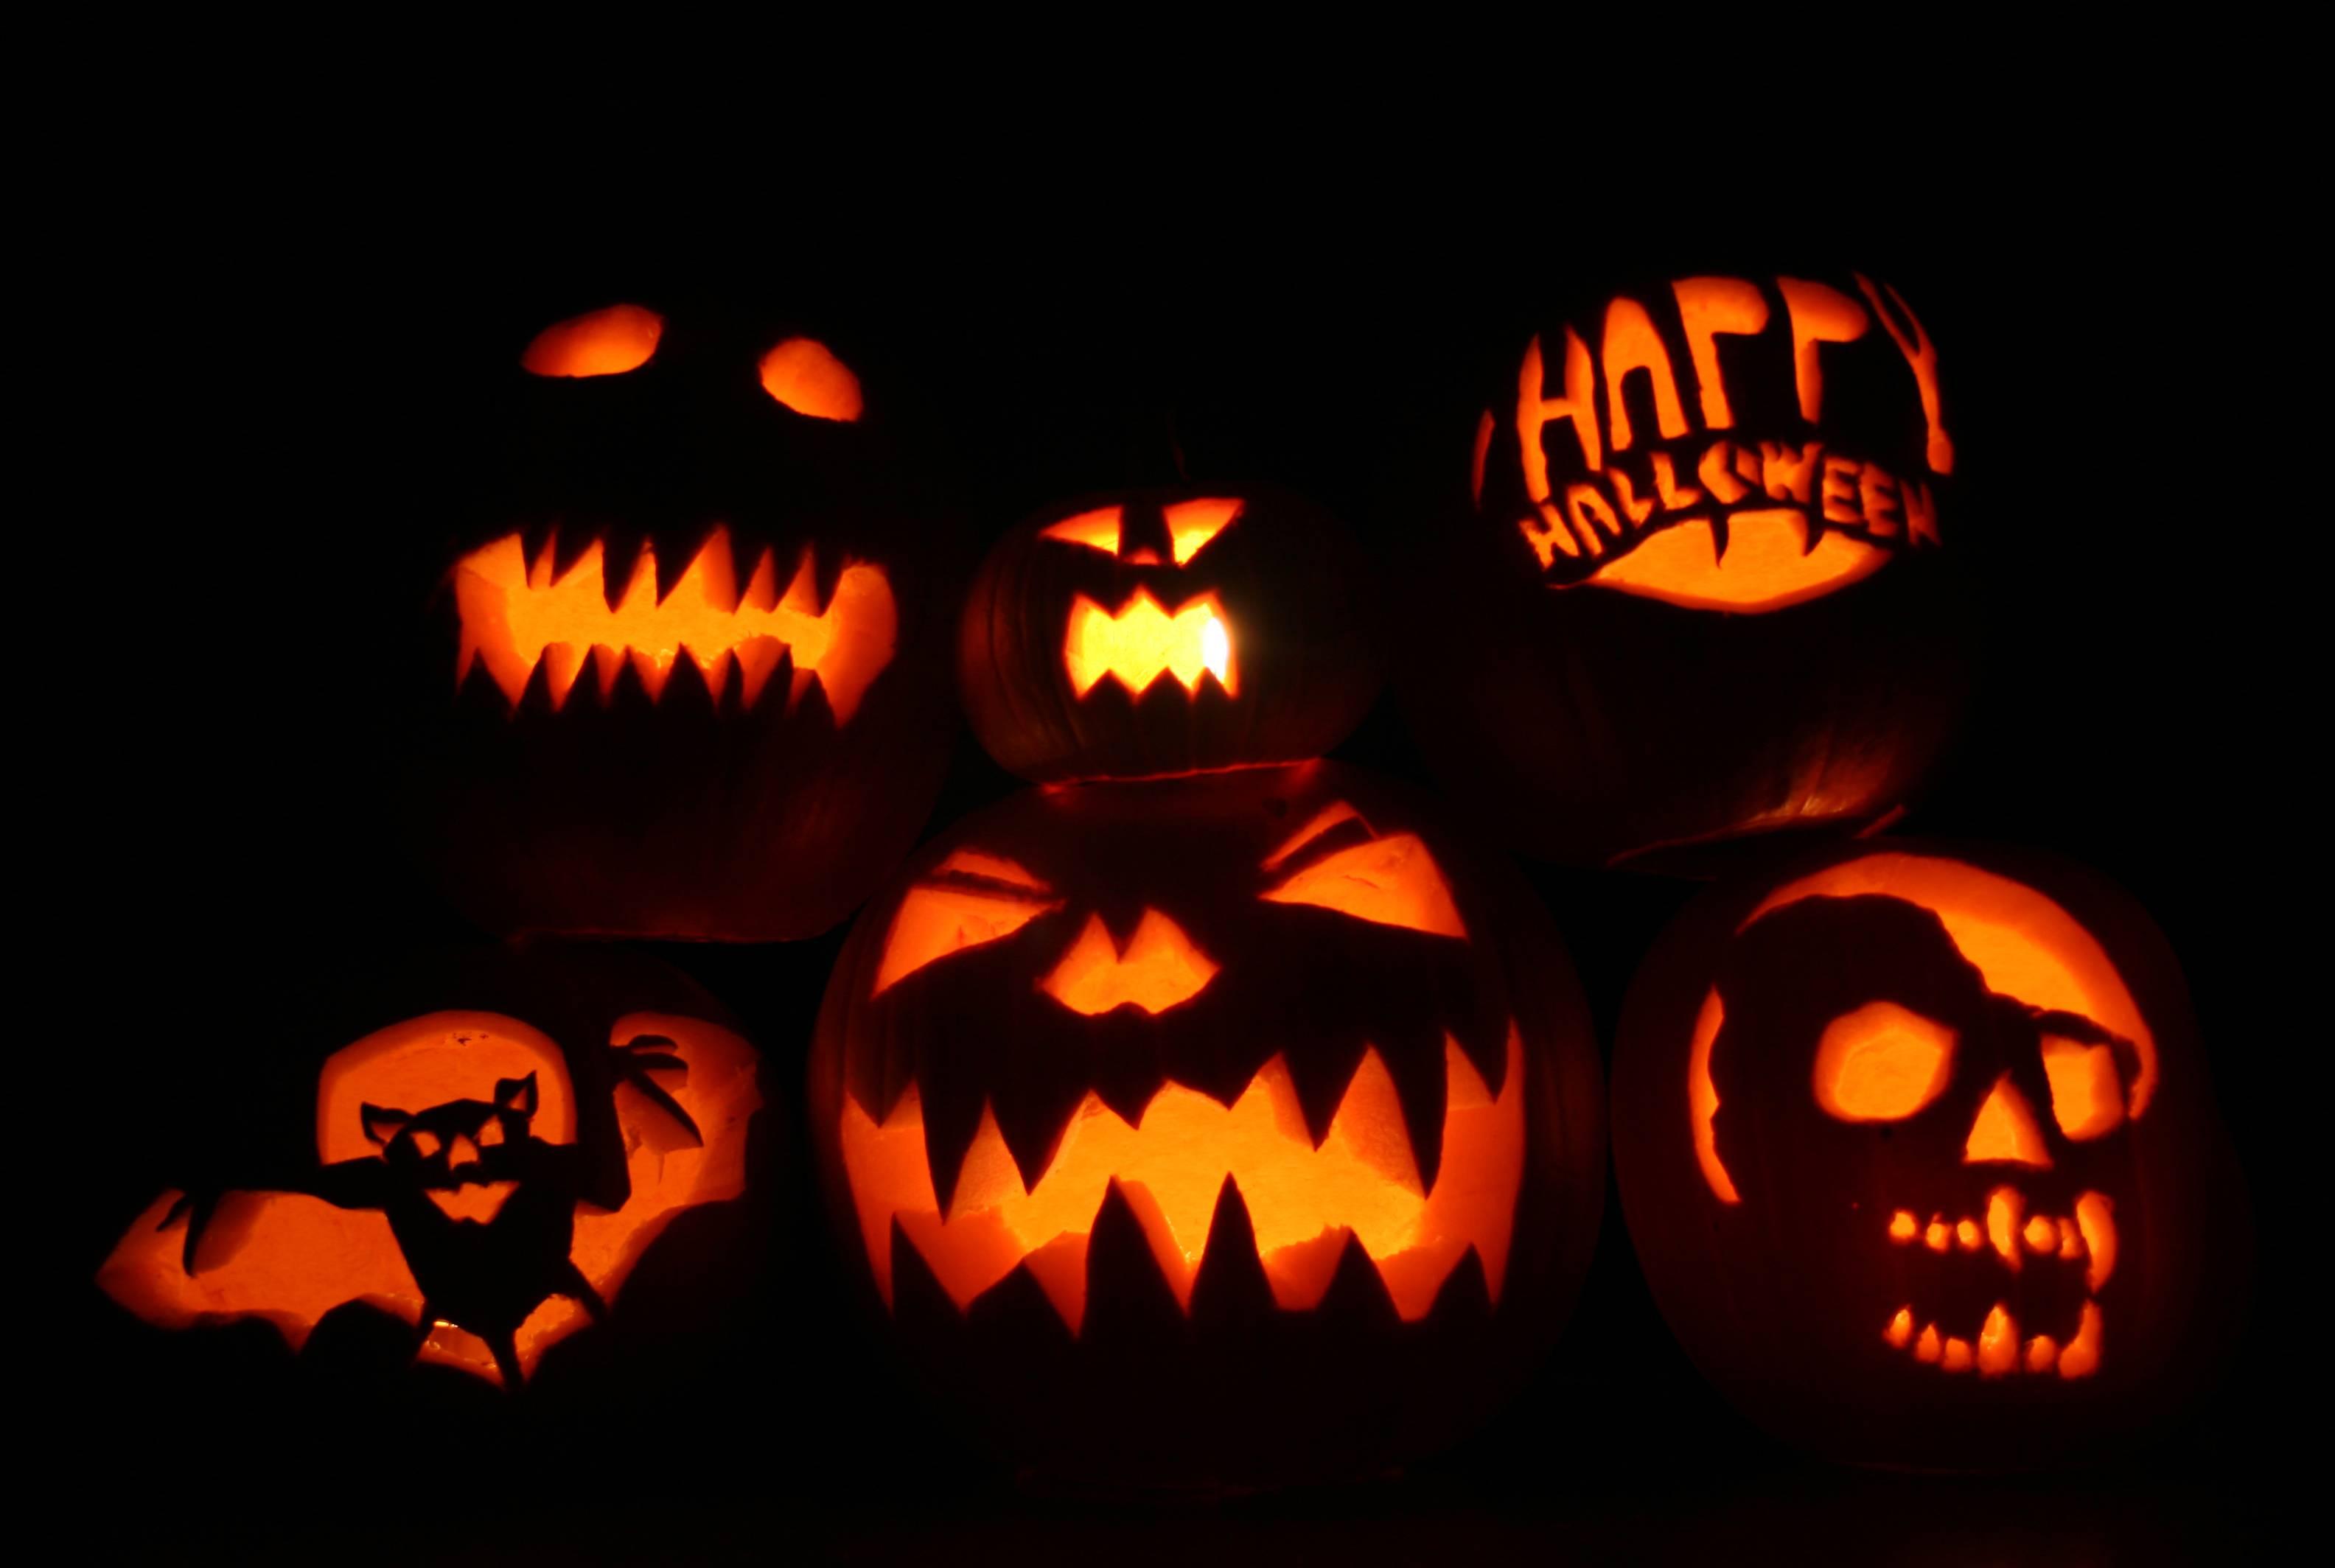 Halloween Pumpkin Wallpapers Top Free Halloween Pumpkin Backgrounds Wallpaperaccess